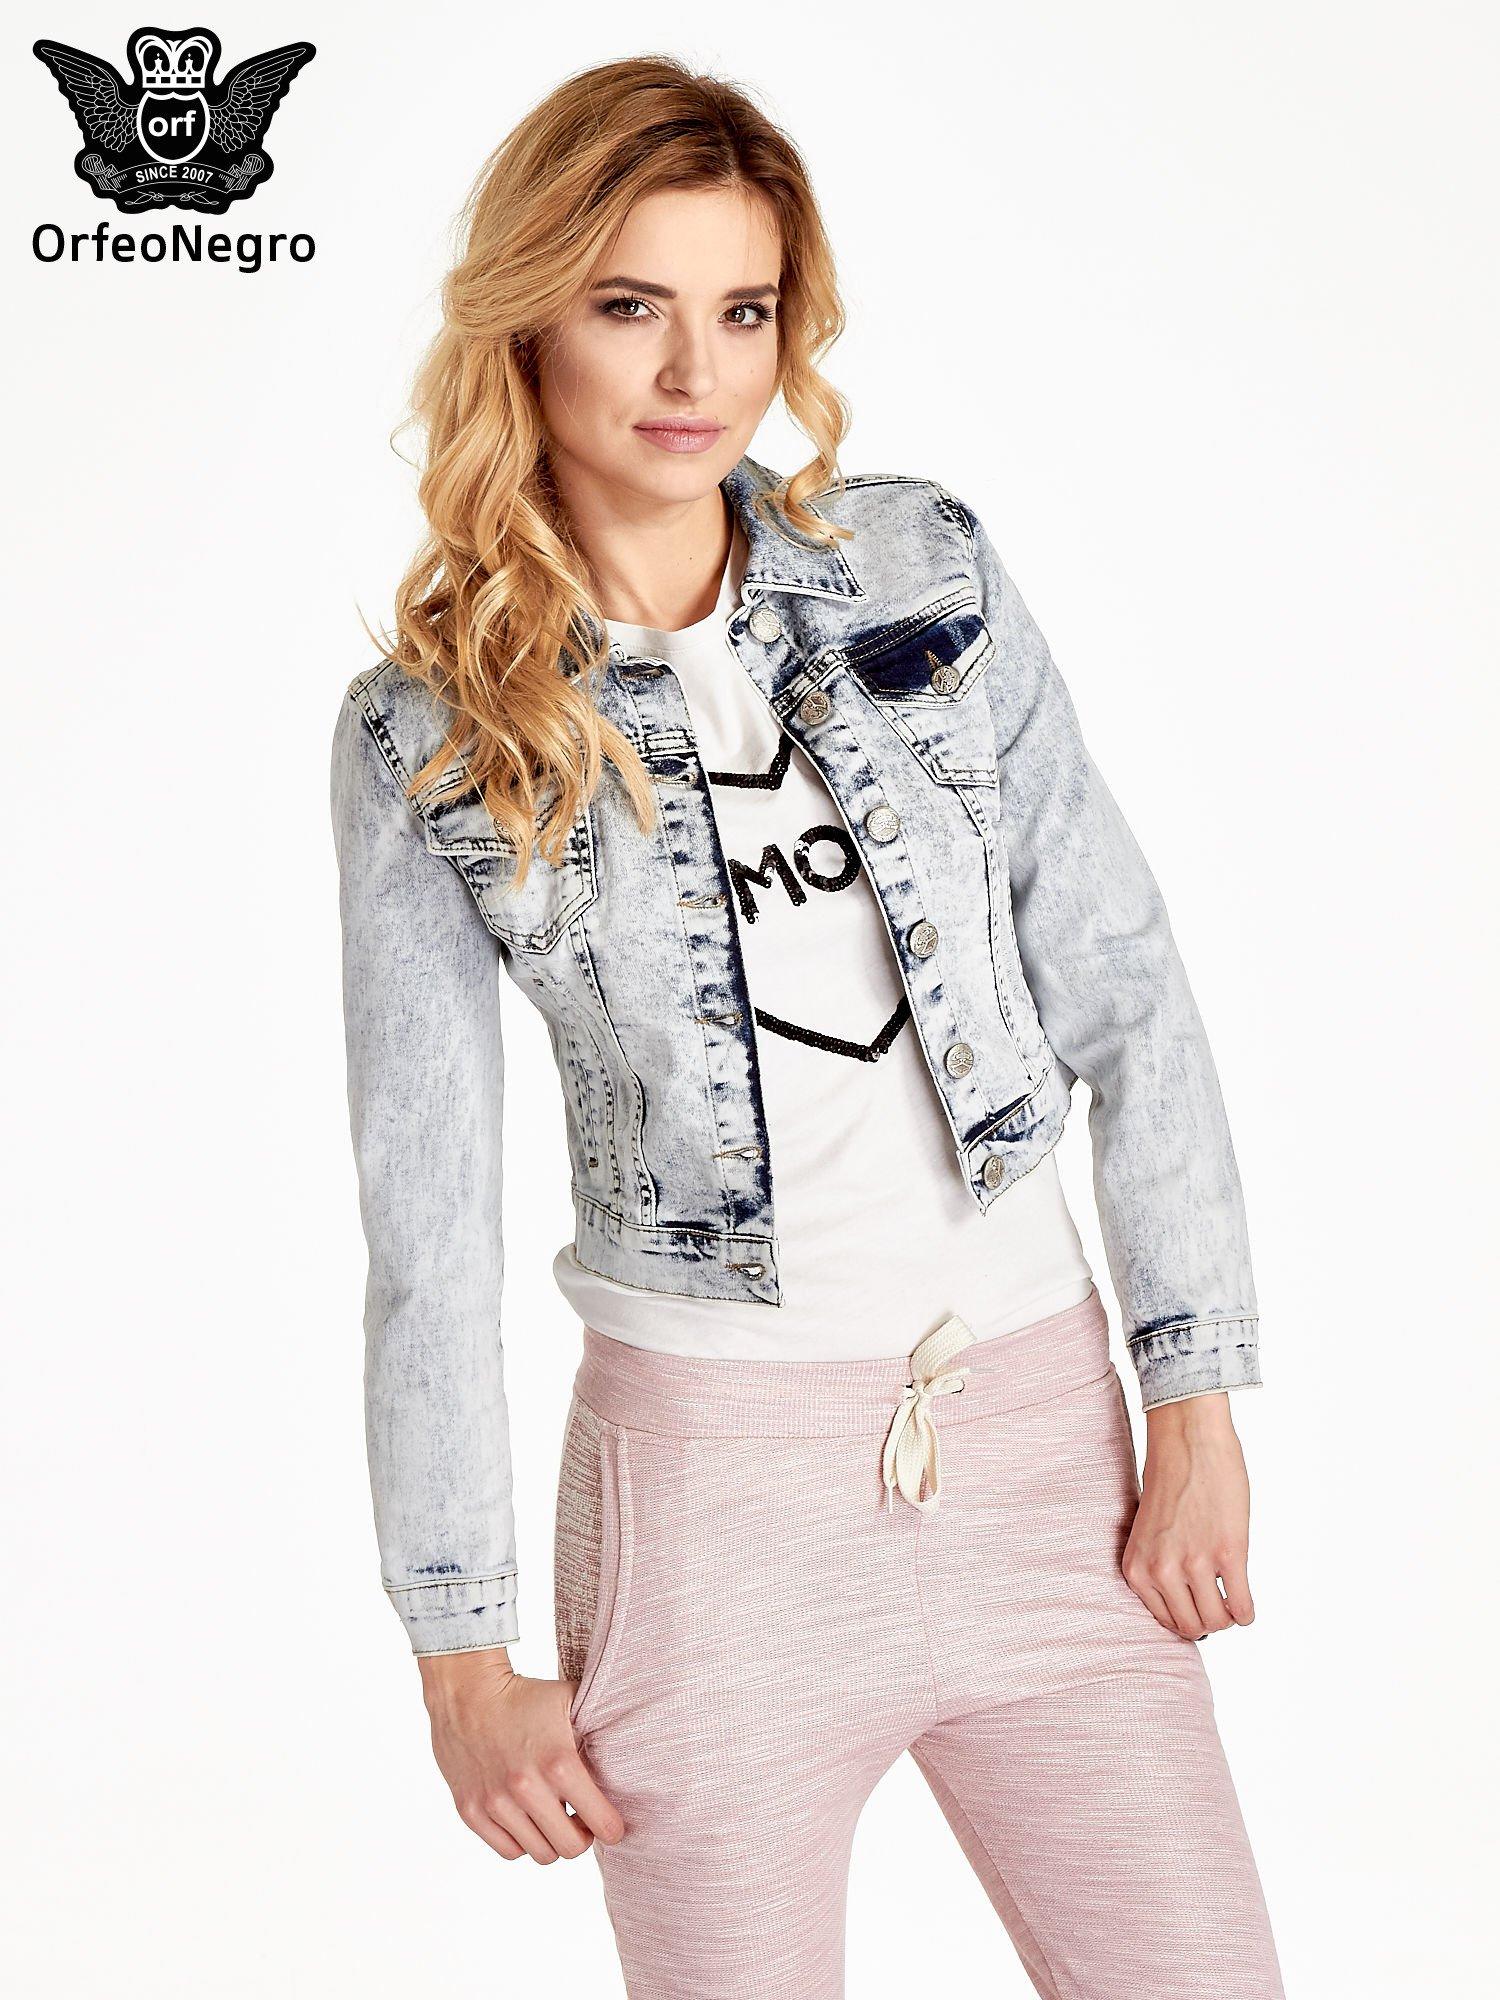 Jasnoniebieska kurtka jeansowa damska z efektem acid wash                                  zdj.                                  1